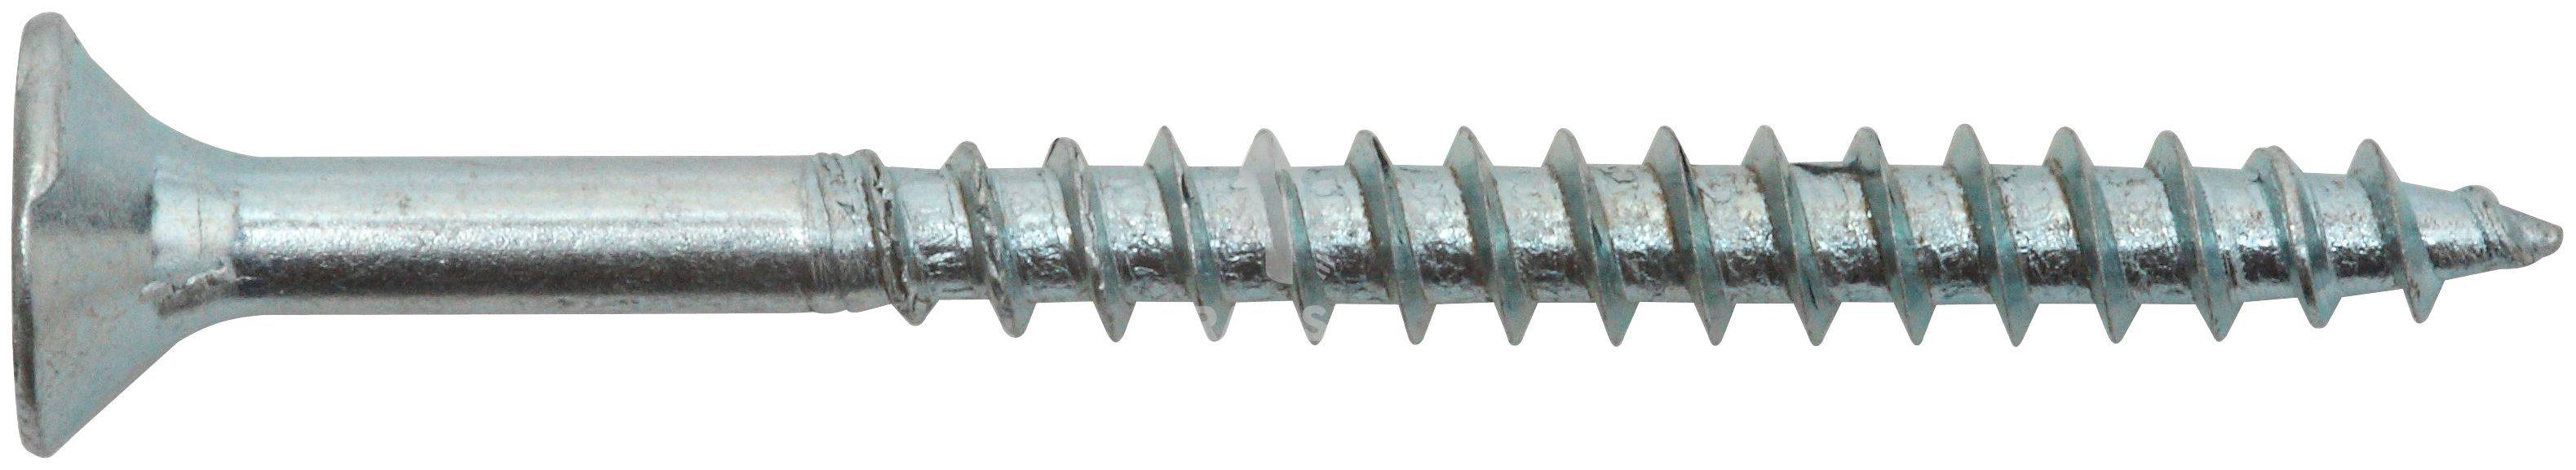 RAMSES Schrauben , Spanplattenschraube 6 x 90 mm PZ3 25 Stk.